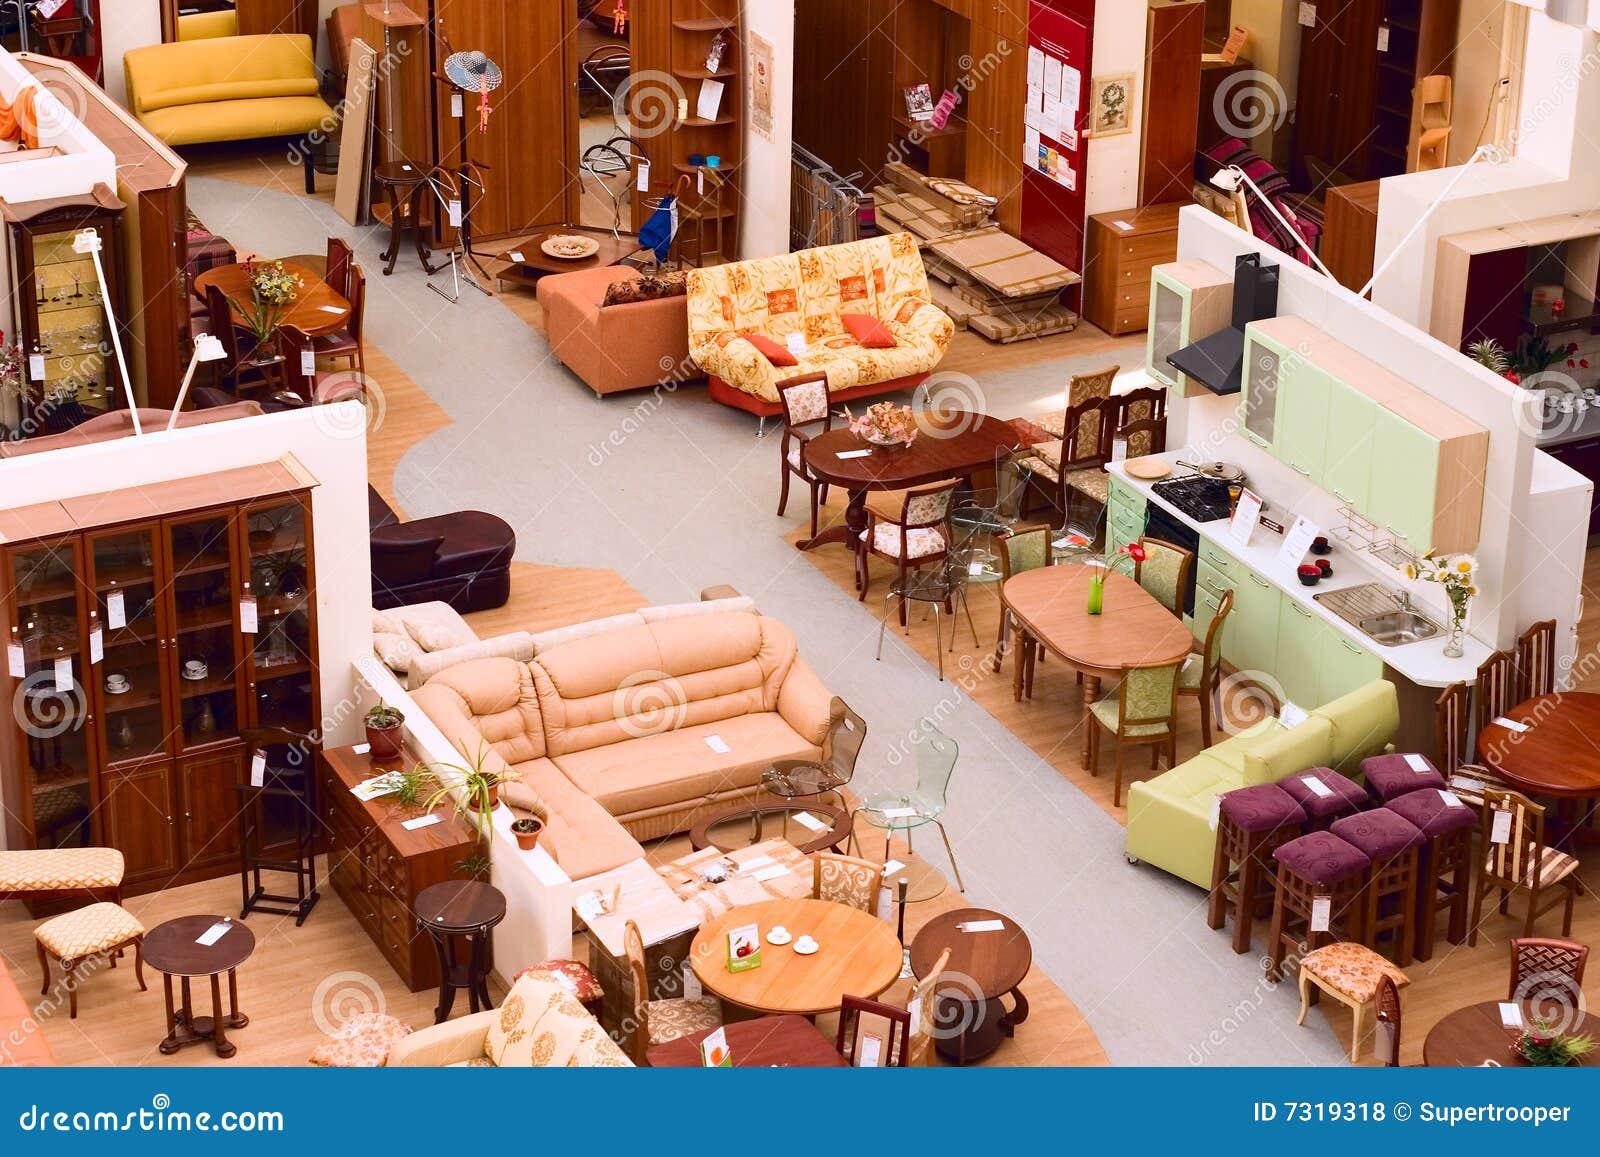 Tiendas De Muebles En Tudela Idea Creativa Della Casa E Dell  # Muebles Tudela Roa